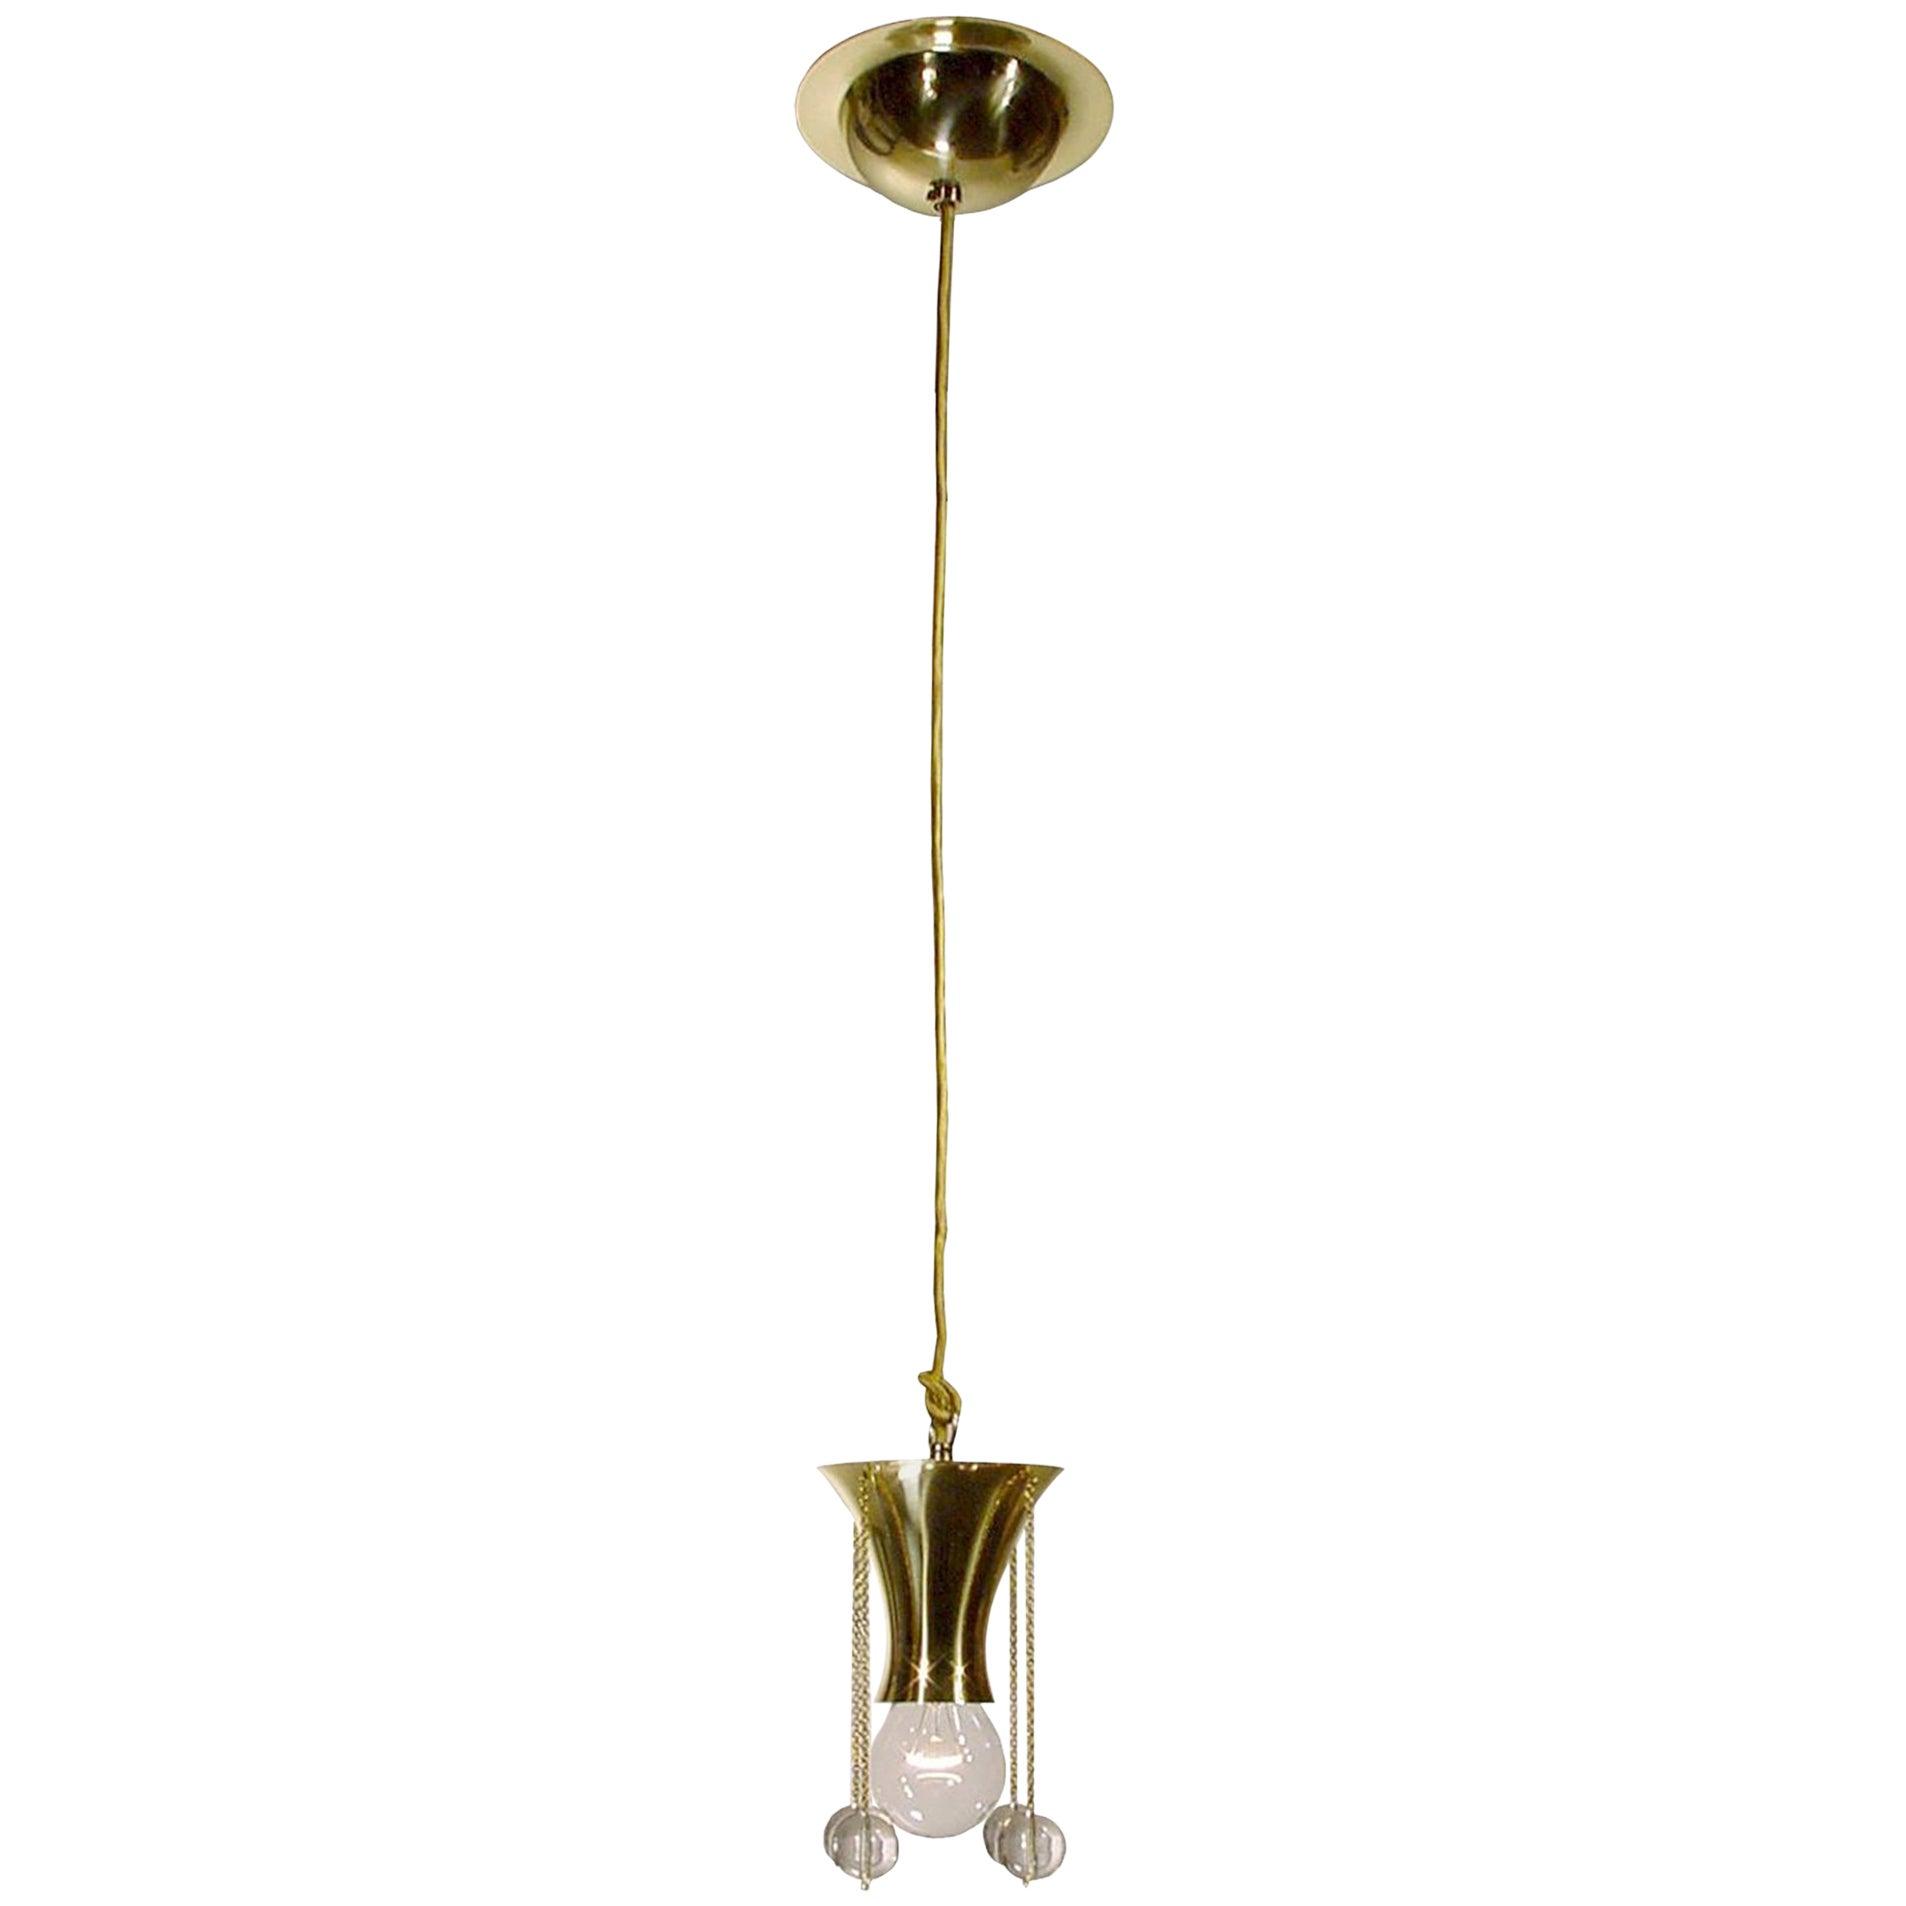 Josef Hoffmann Jugendstil Single Light Pendant for Wiener Werkstätte Re-edition